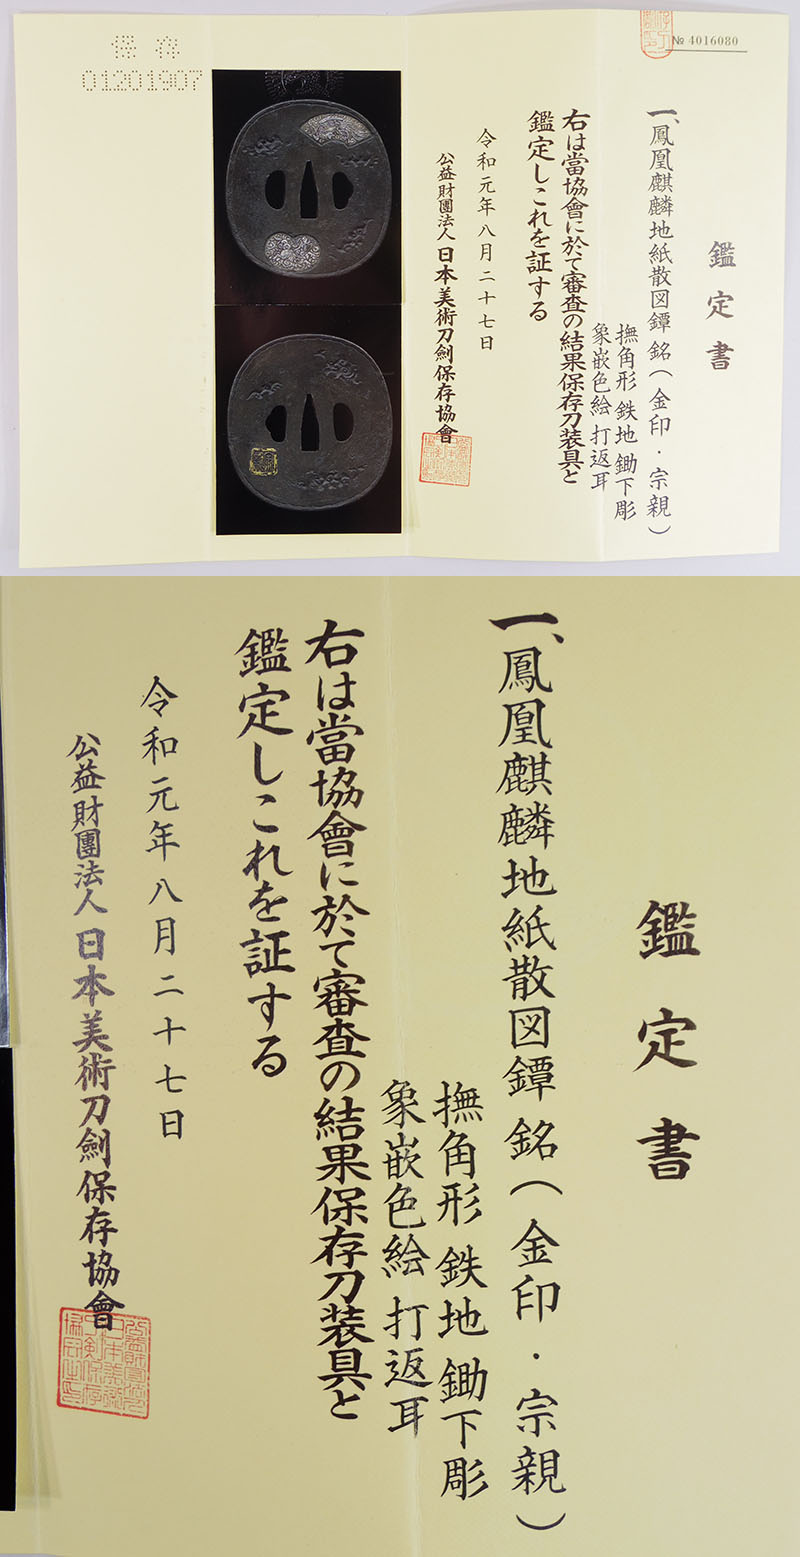 鳳凰麒麟地紙散図鍔(金印・宗親)鑑定書画像